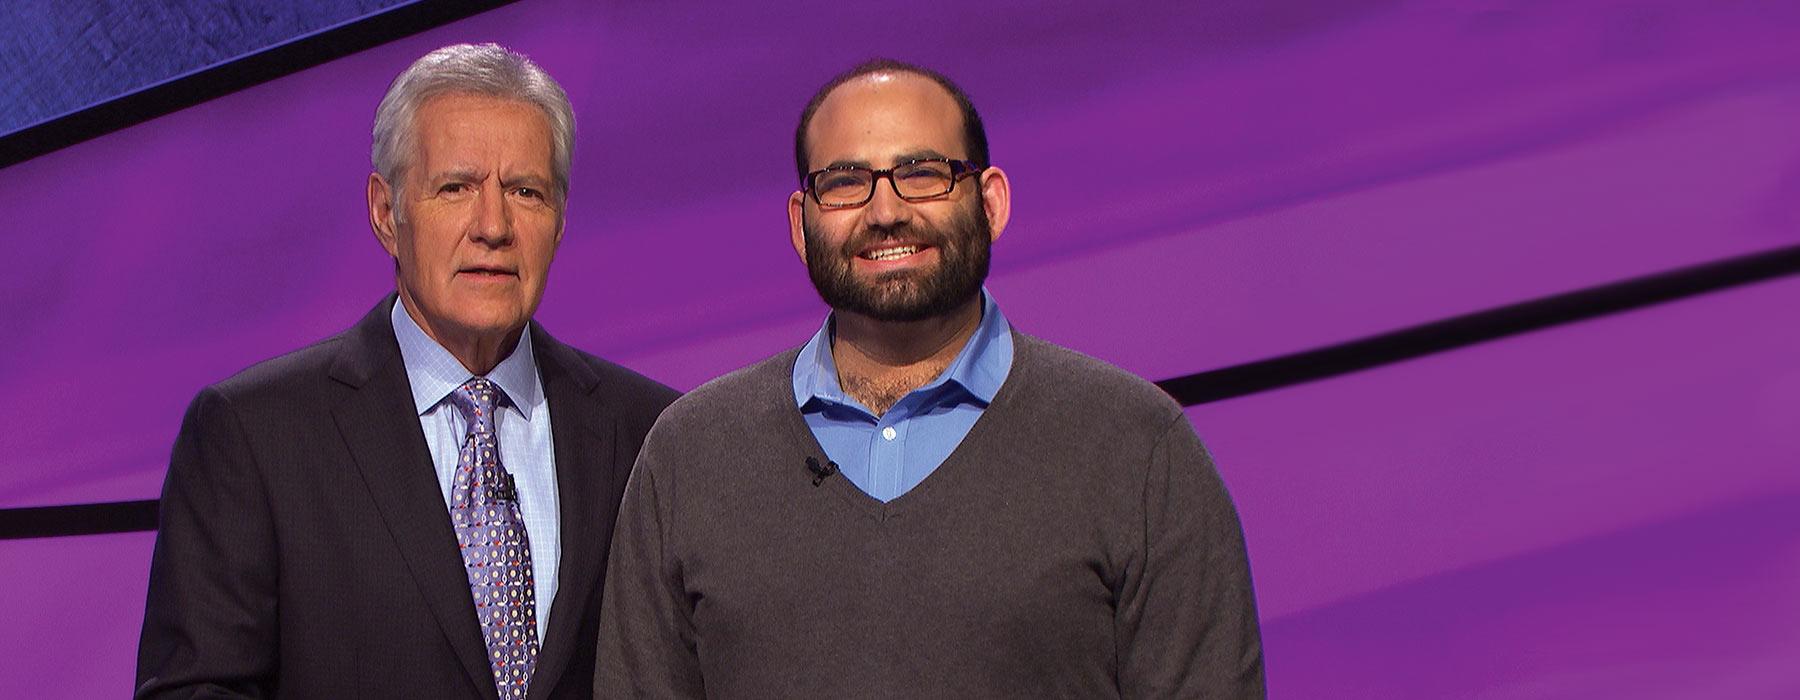 Jeopardy winner